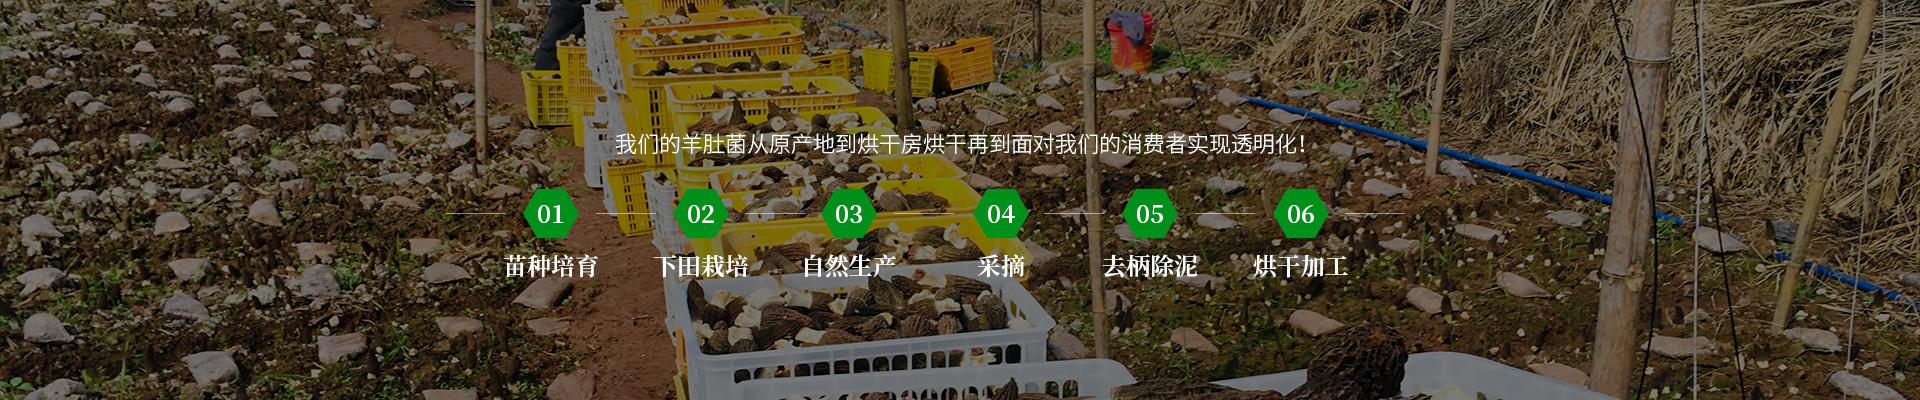 金堂粗柄羊肚菌产地直供_优质其他食用菌哪里找-四川三邦羊肚菌业有限公司